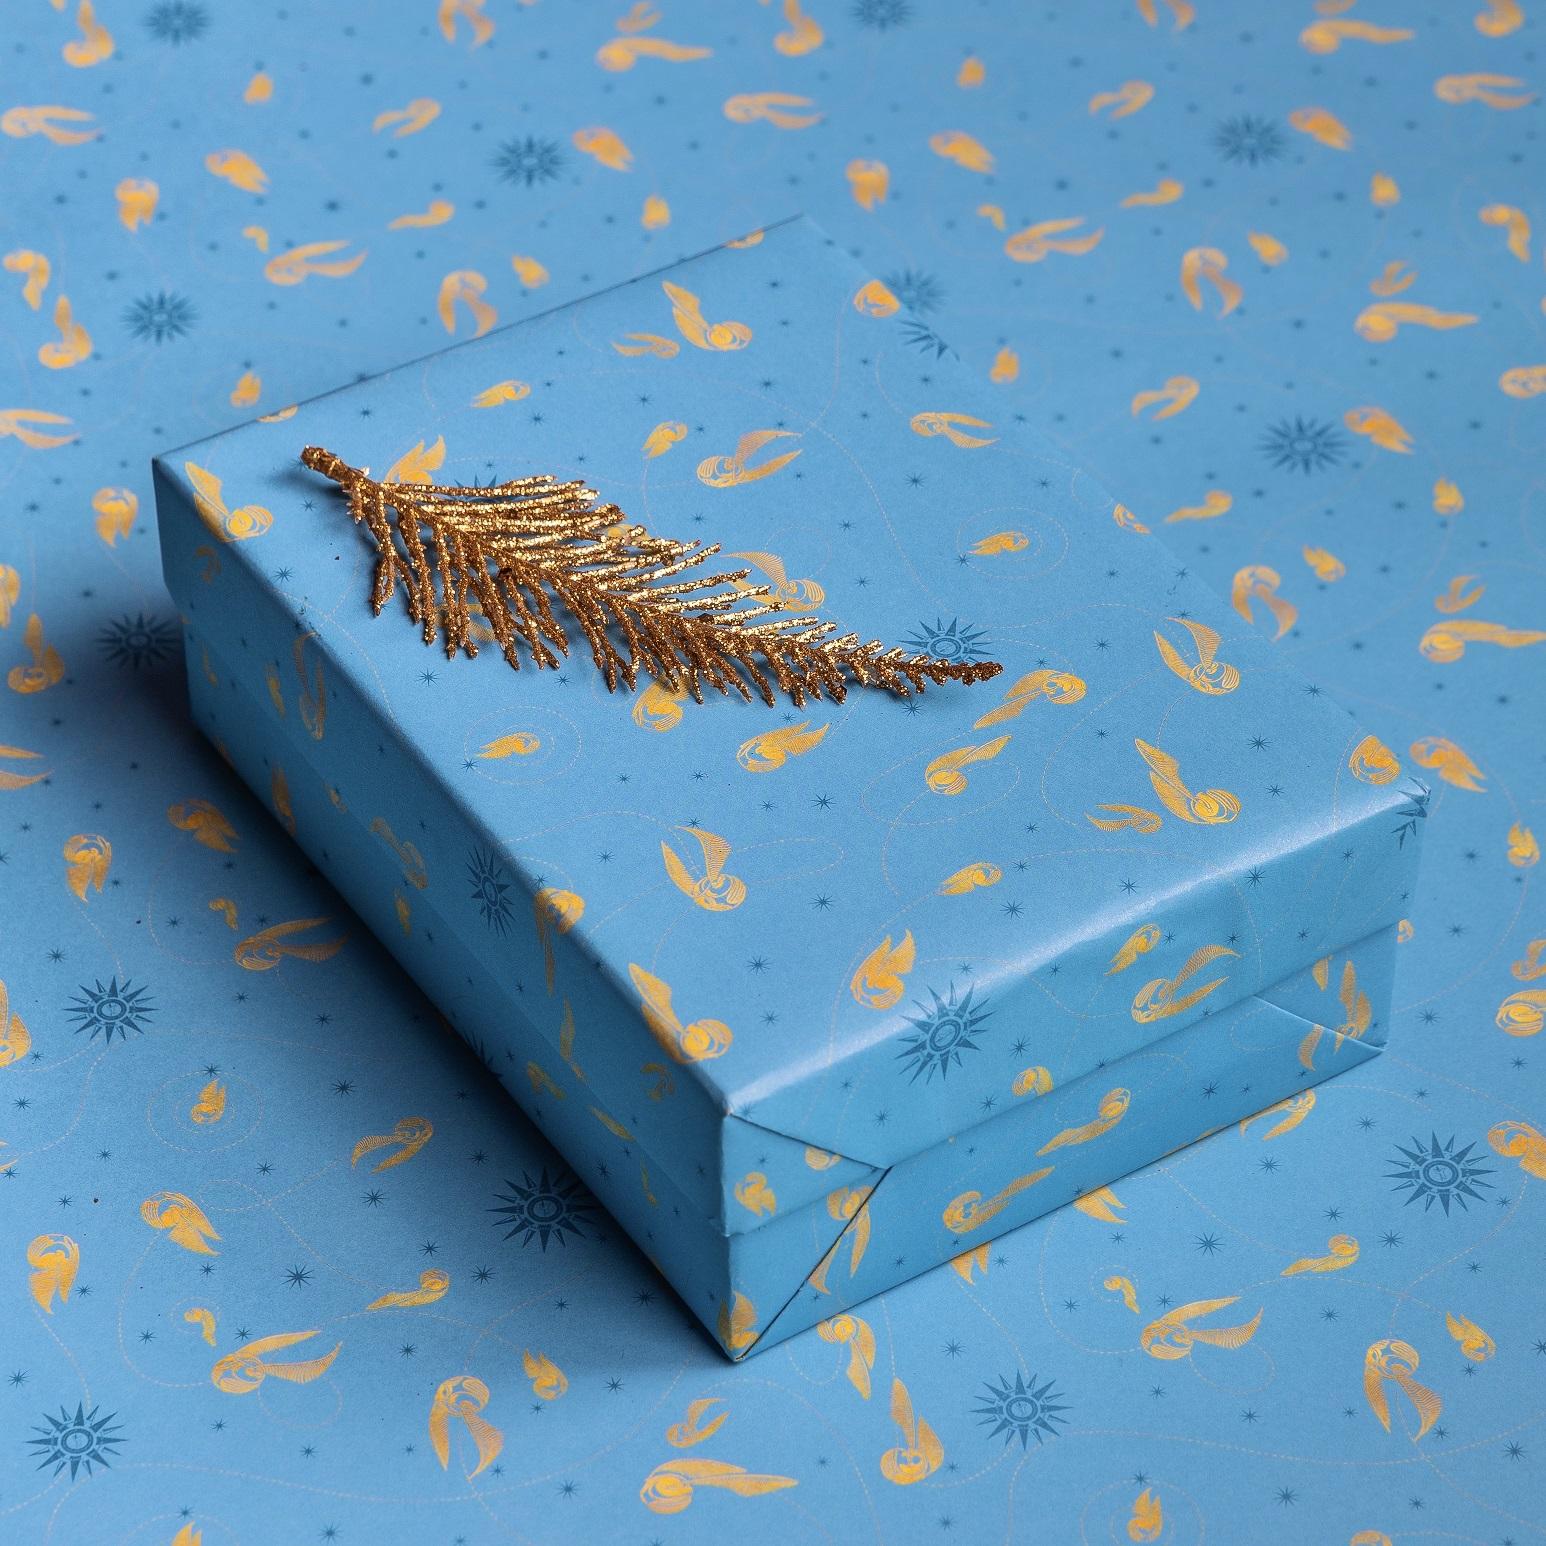 minalima_quidditch_gift_wrap_1.jpg